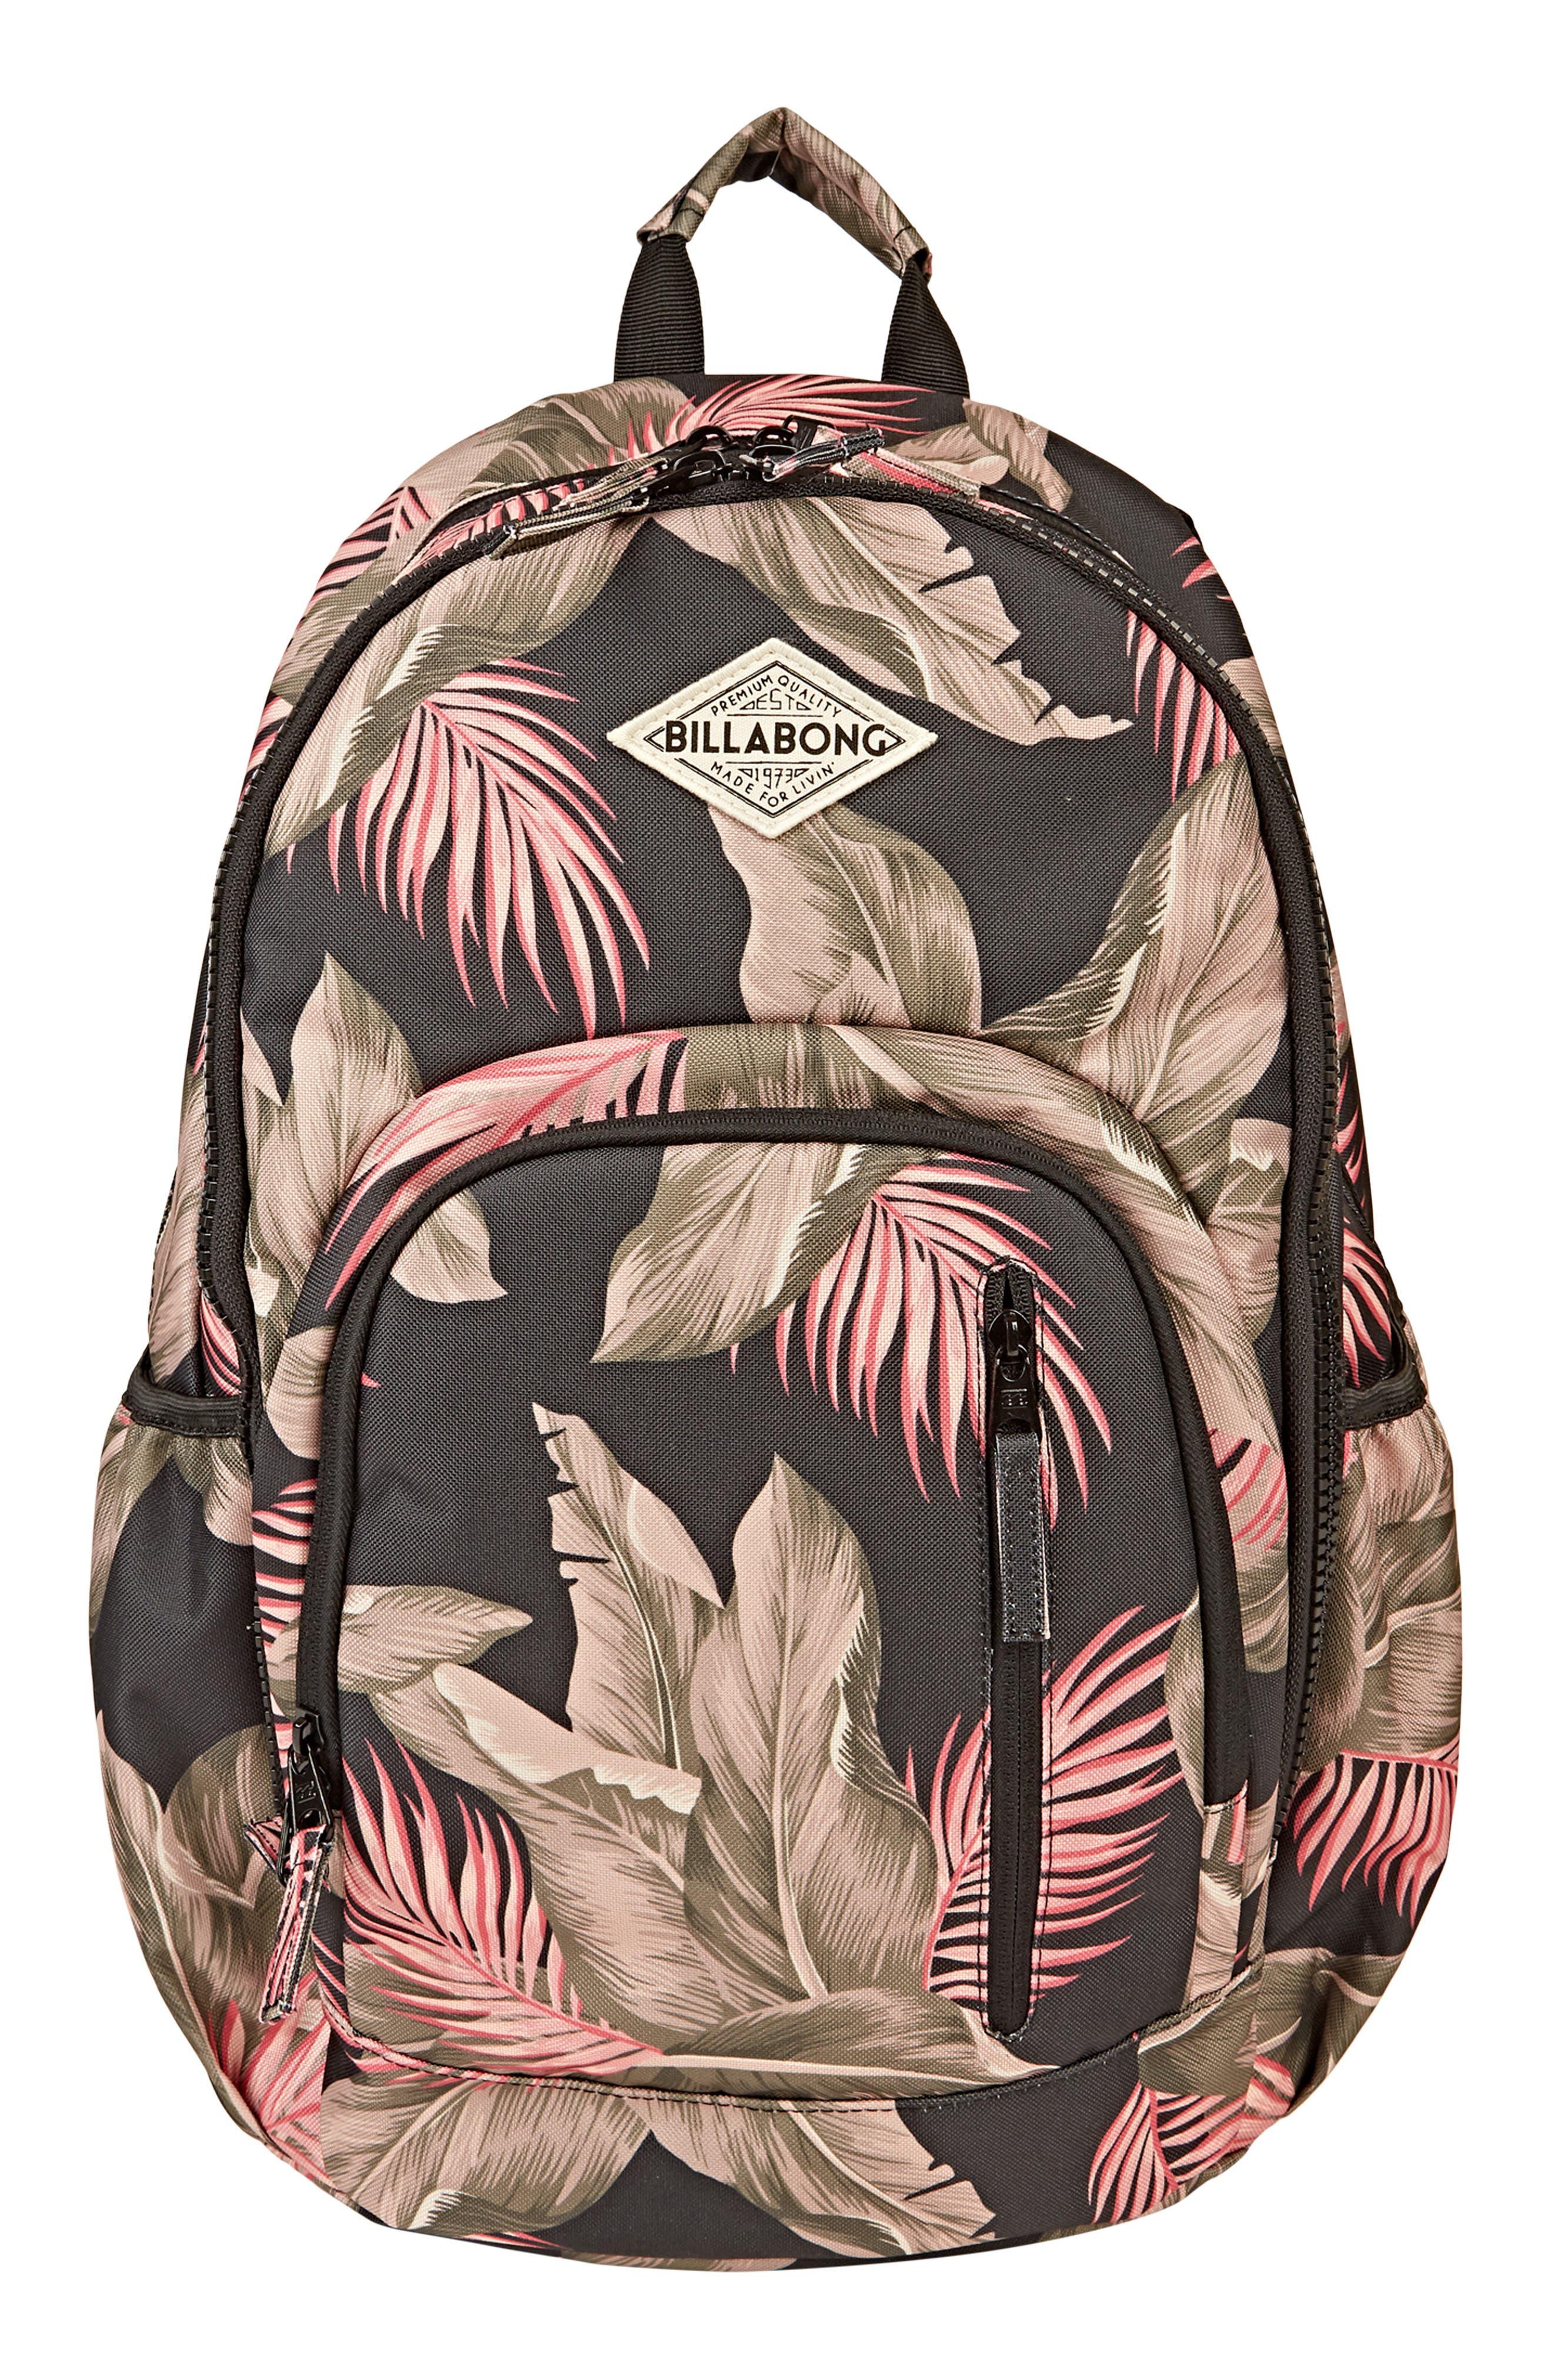 Billabong Roadie Backpack -